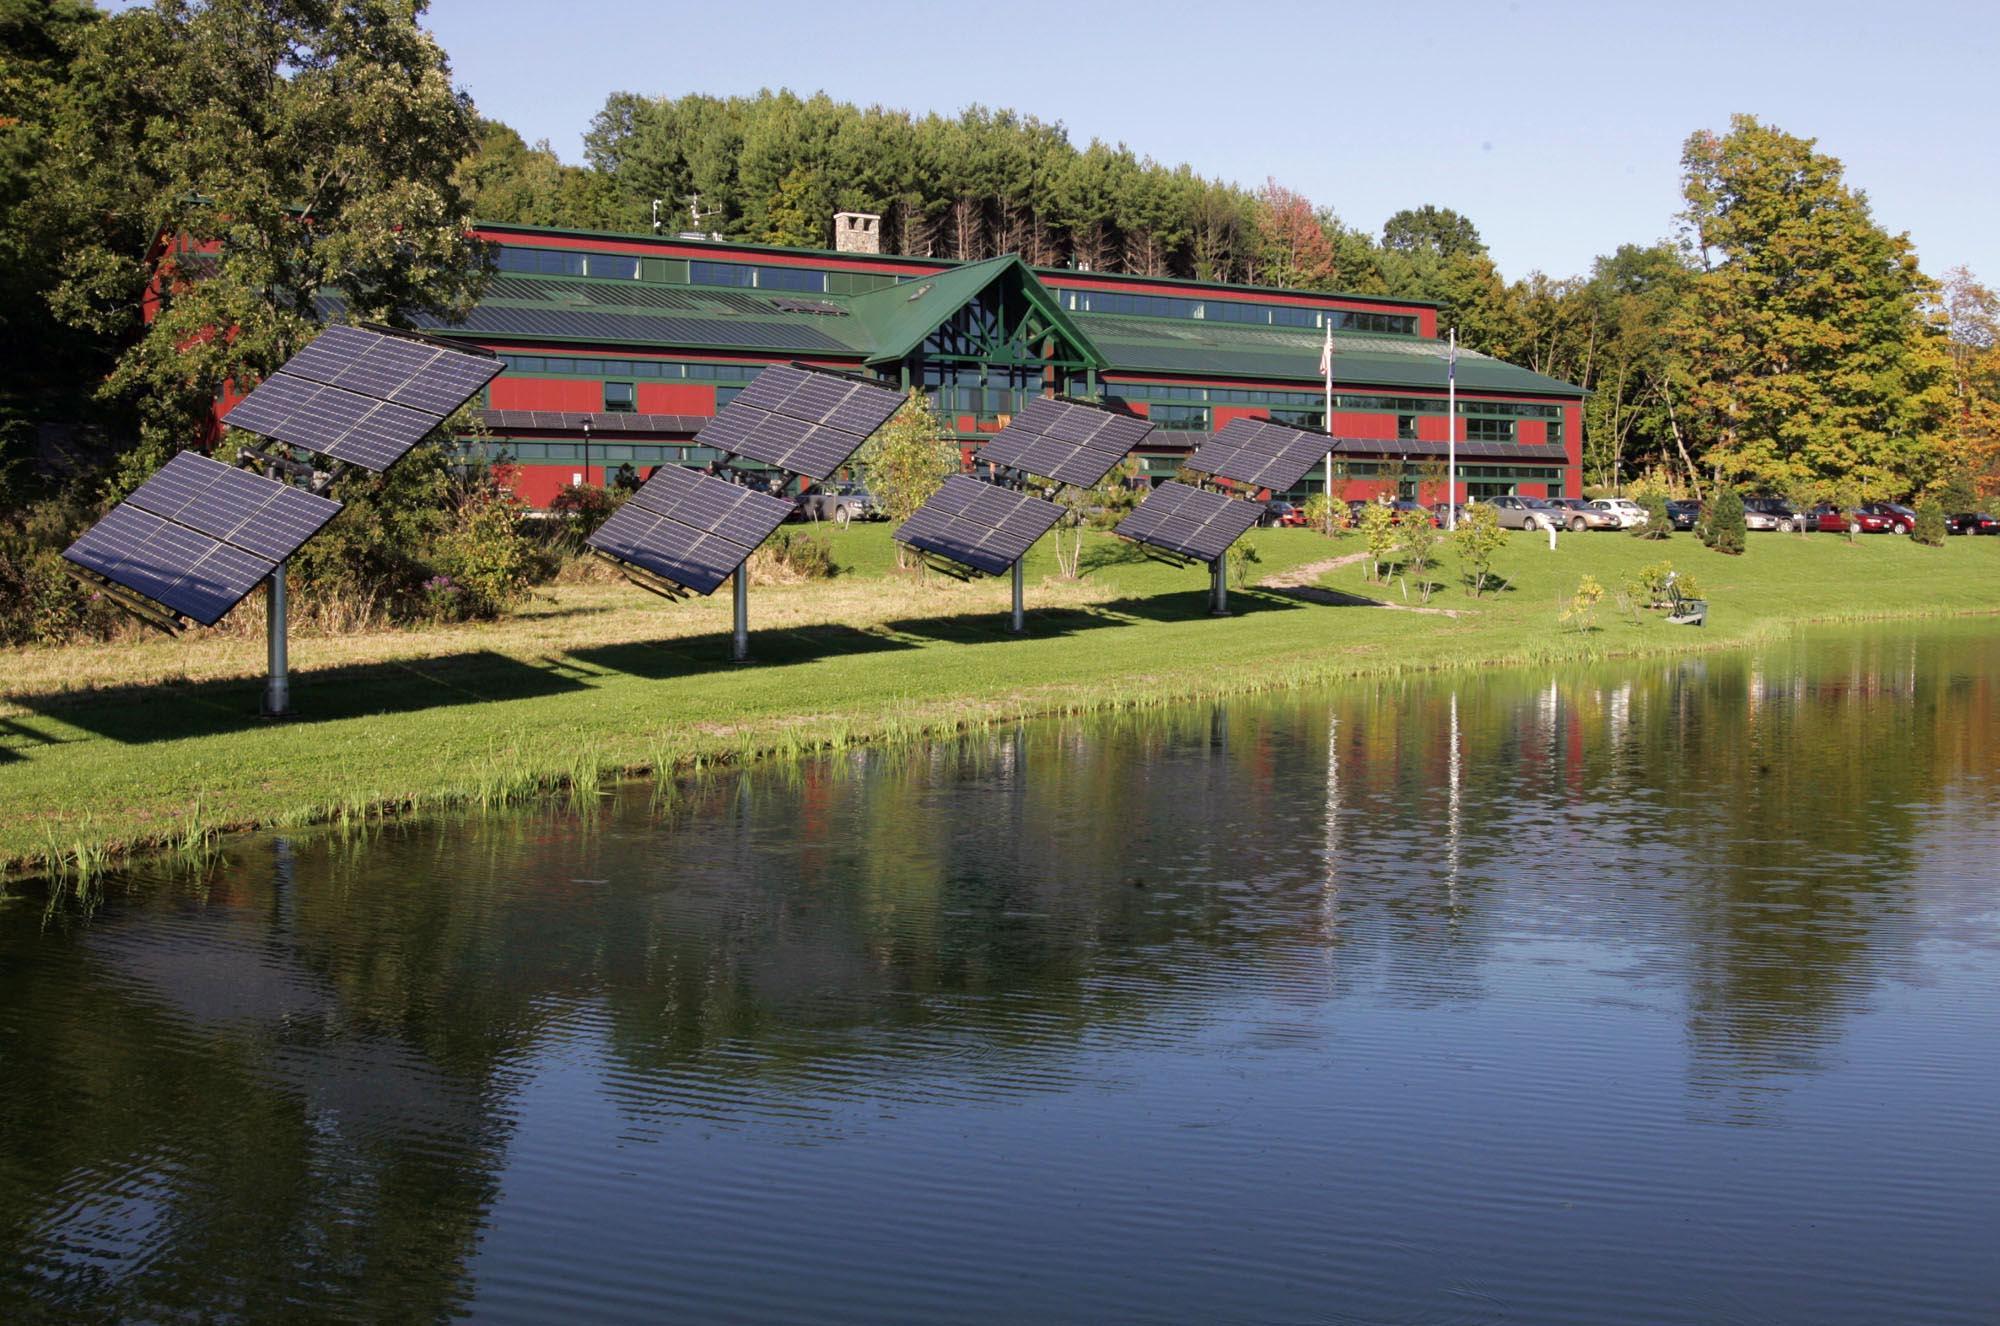 Energy Efficient Building The New Net Zero Vermont